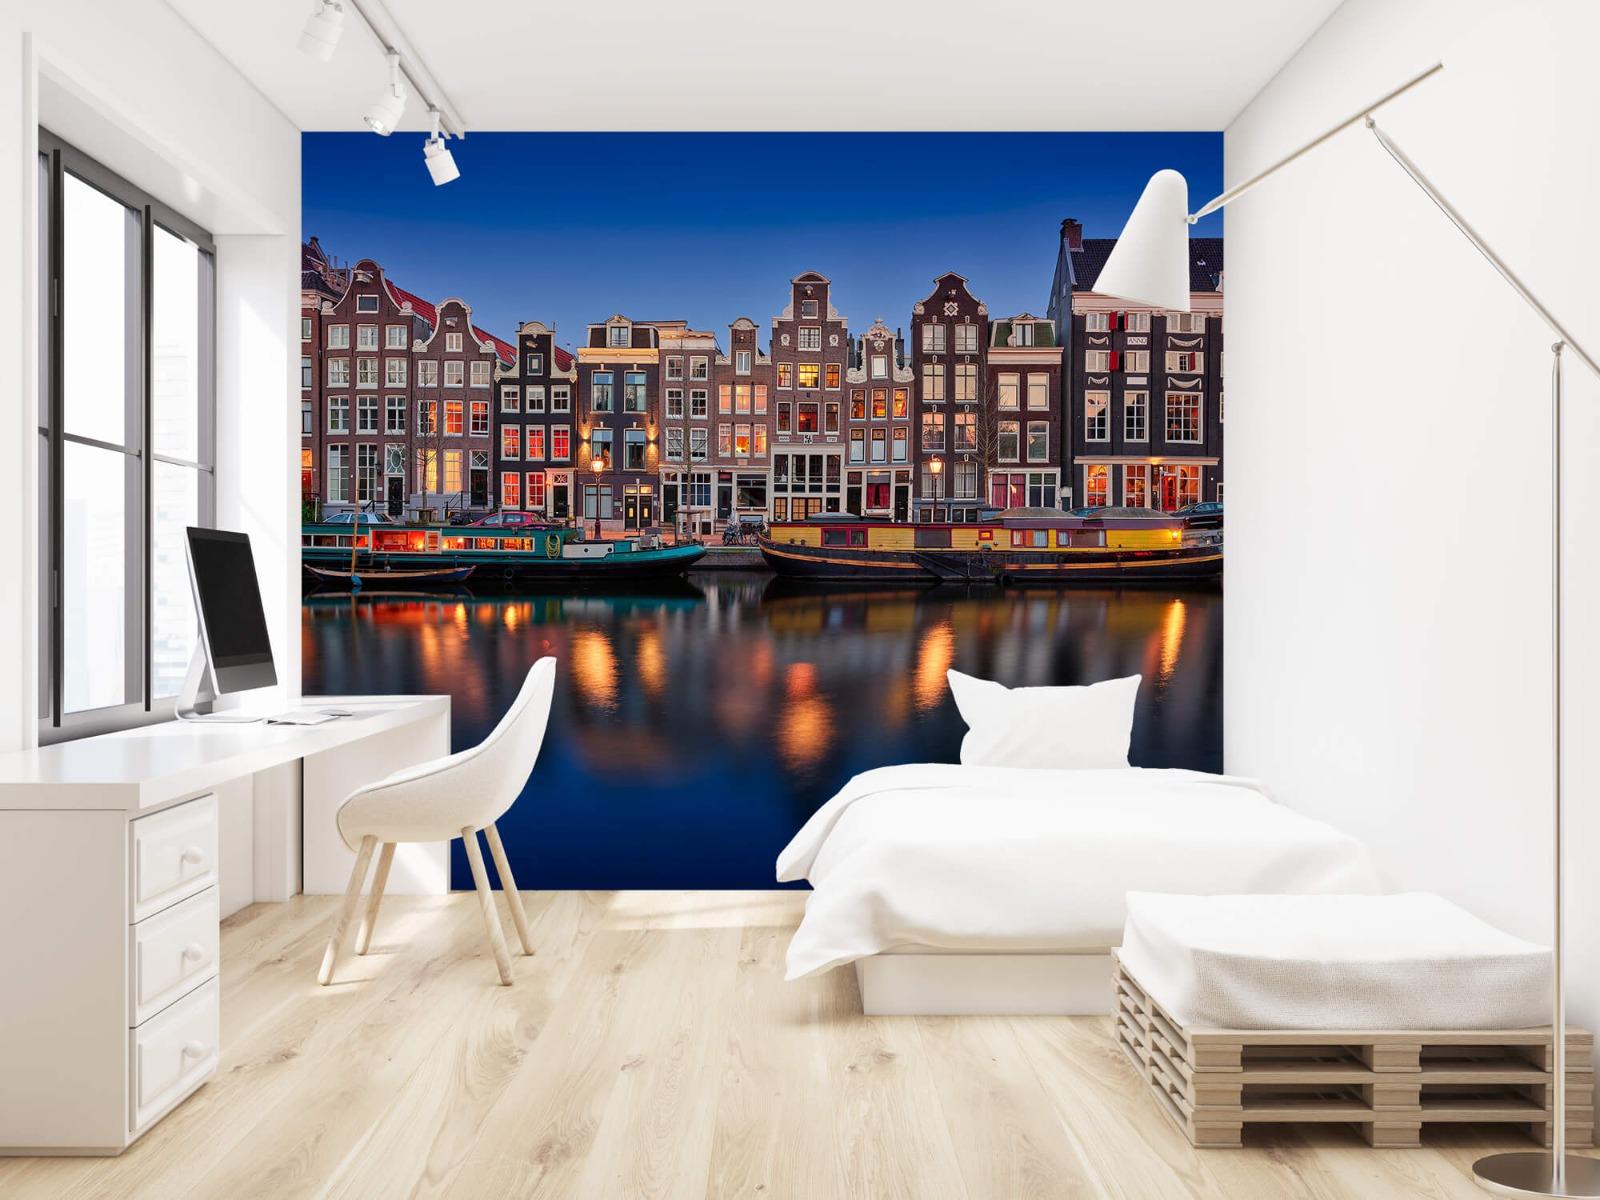 Architectuur - Grachtenpanden Amsterdam - Tienerkamer 22